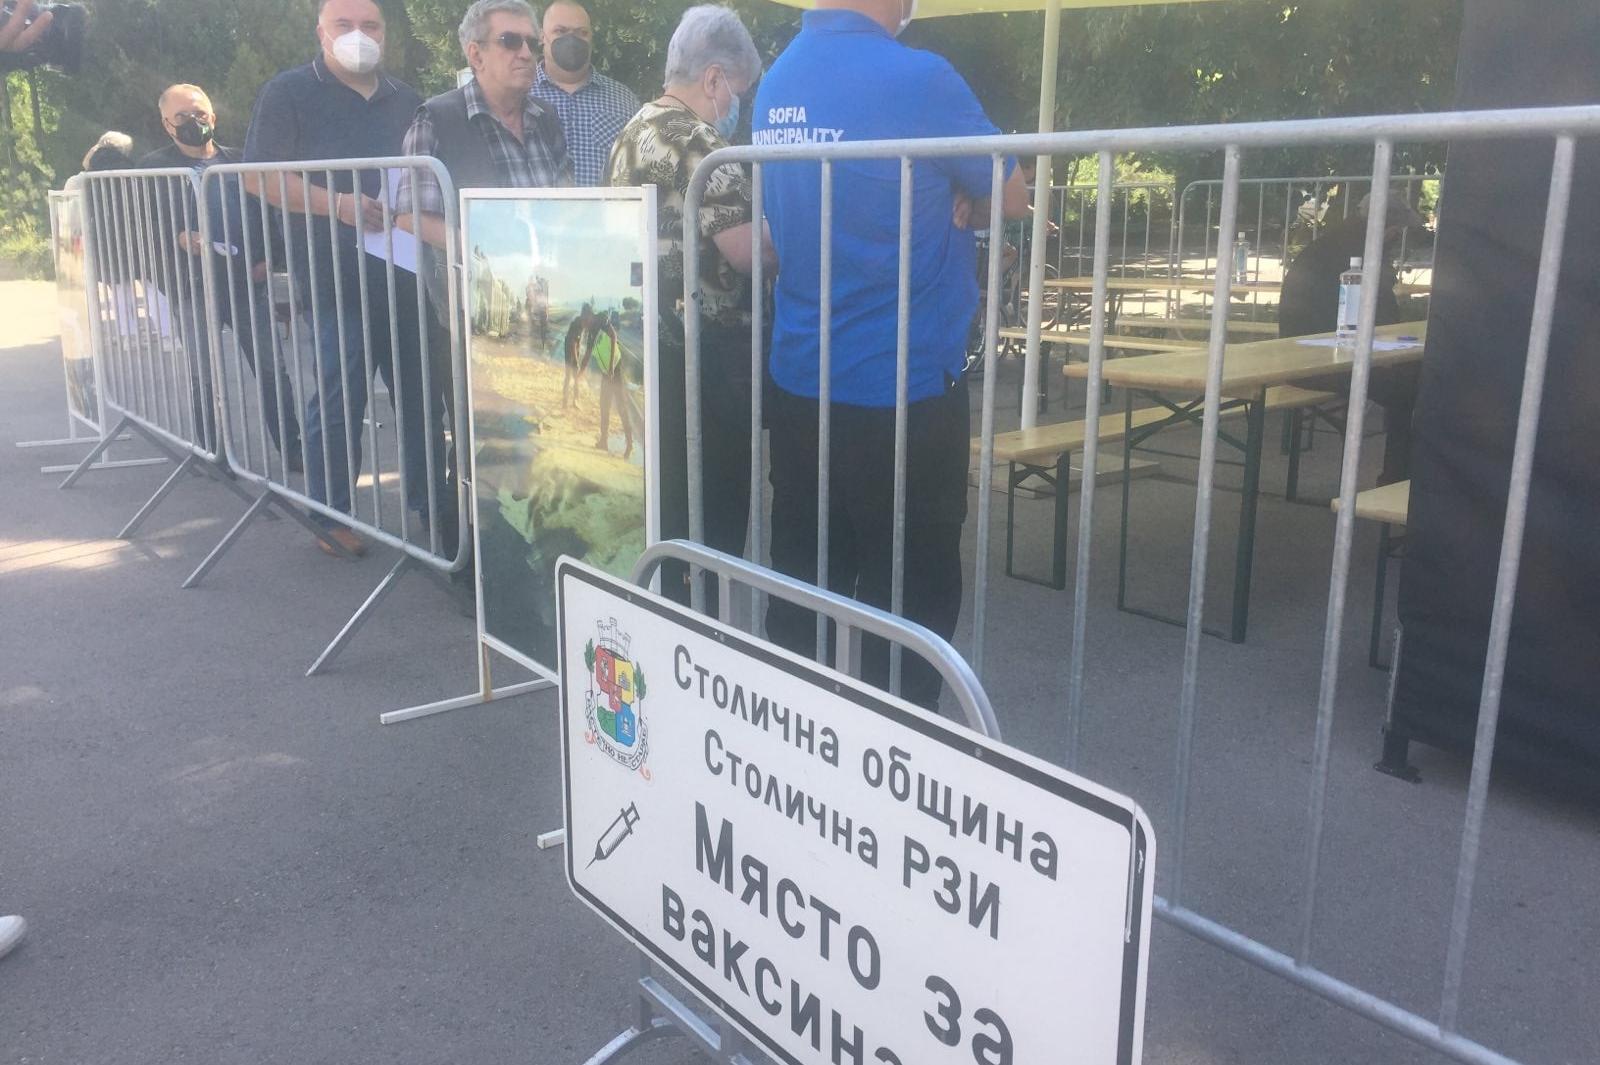 За съботата: Общо 456 се ваксинираха в мобилните пунктове в парковете на Со